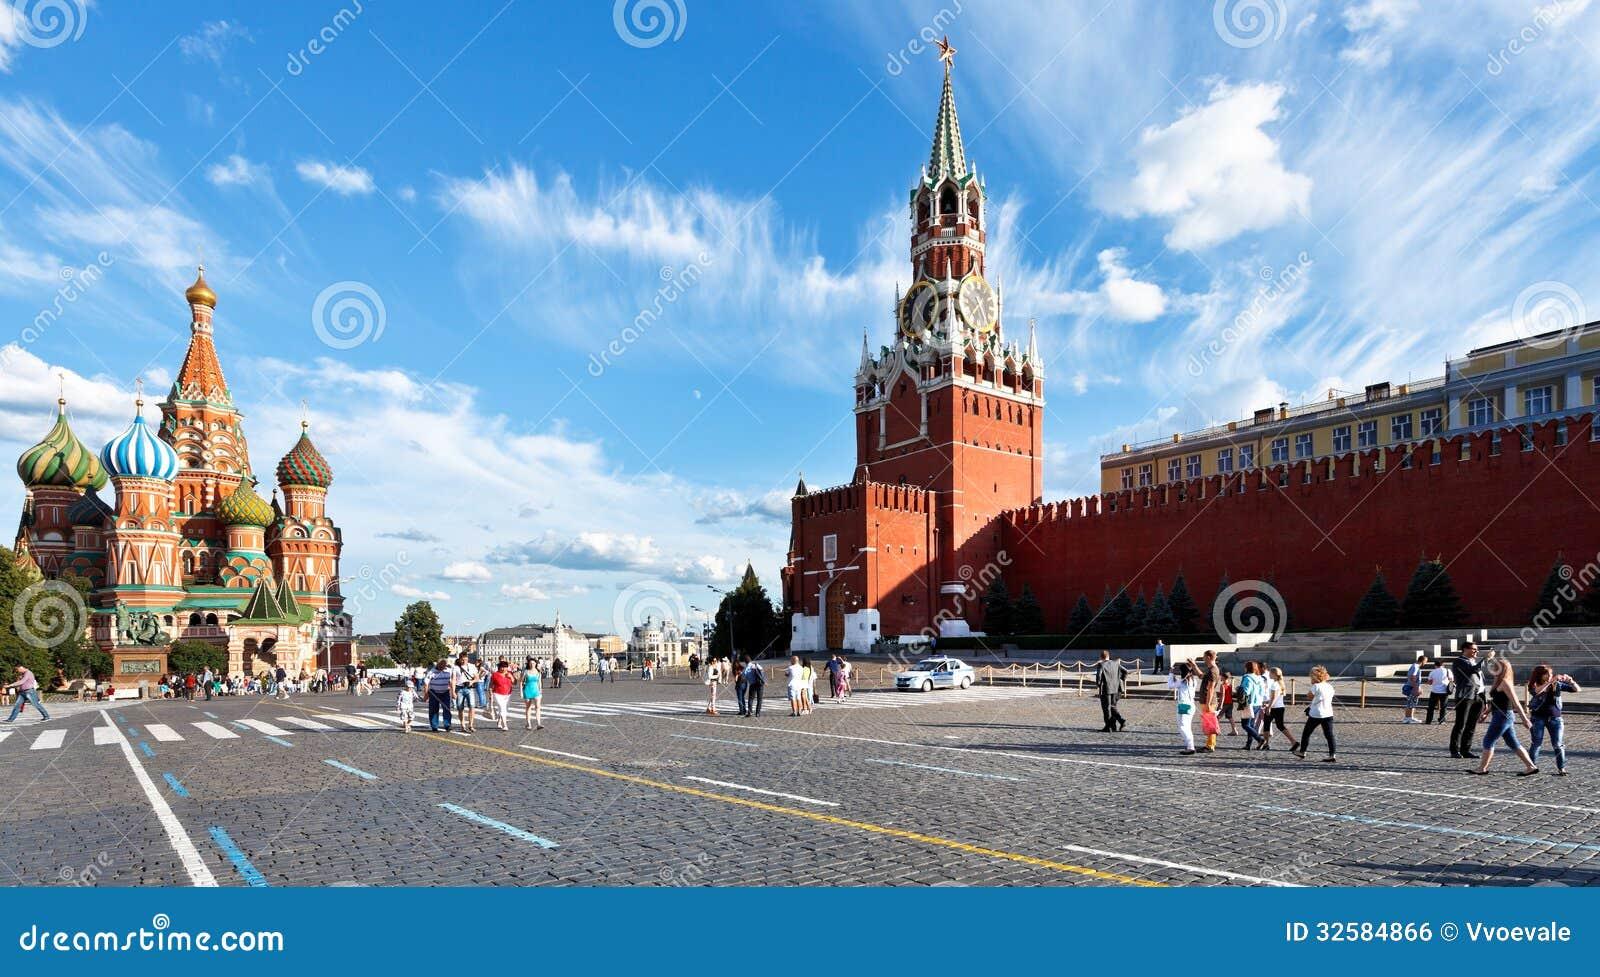 Метрострой  Суворовская площадь Москва